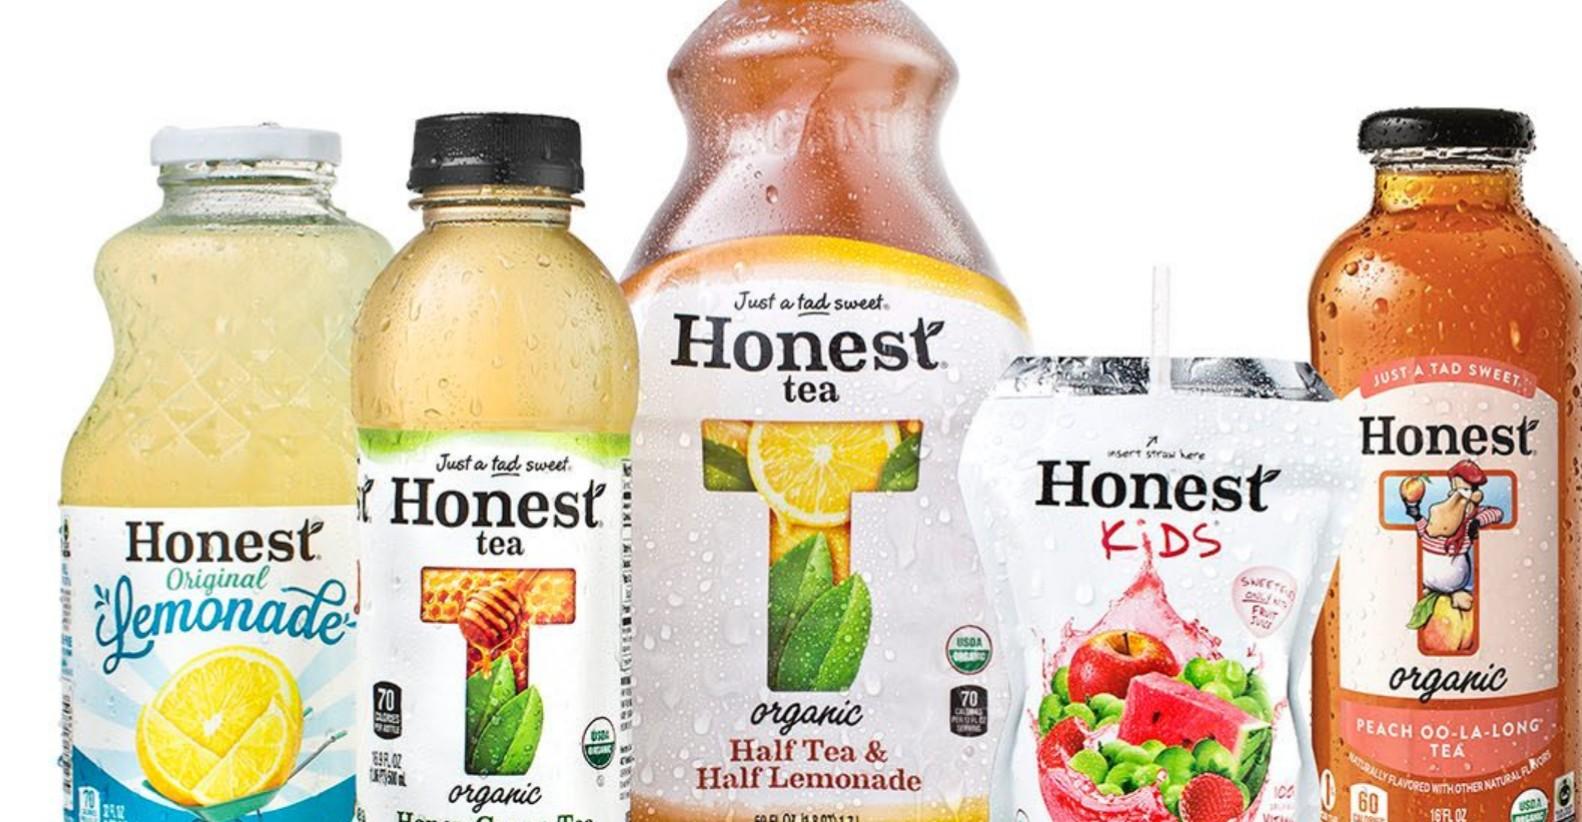 honesttea